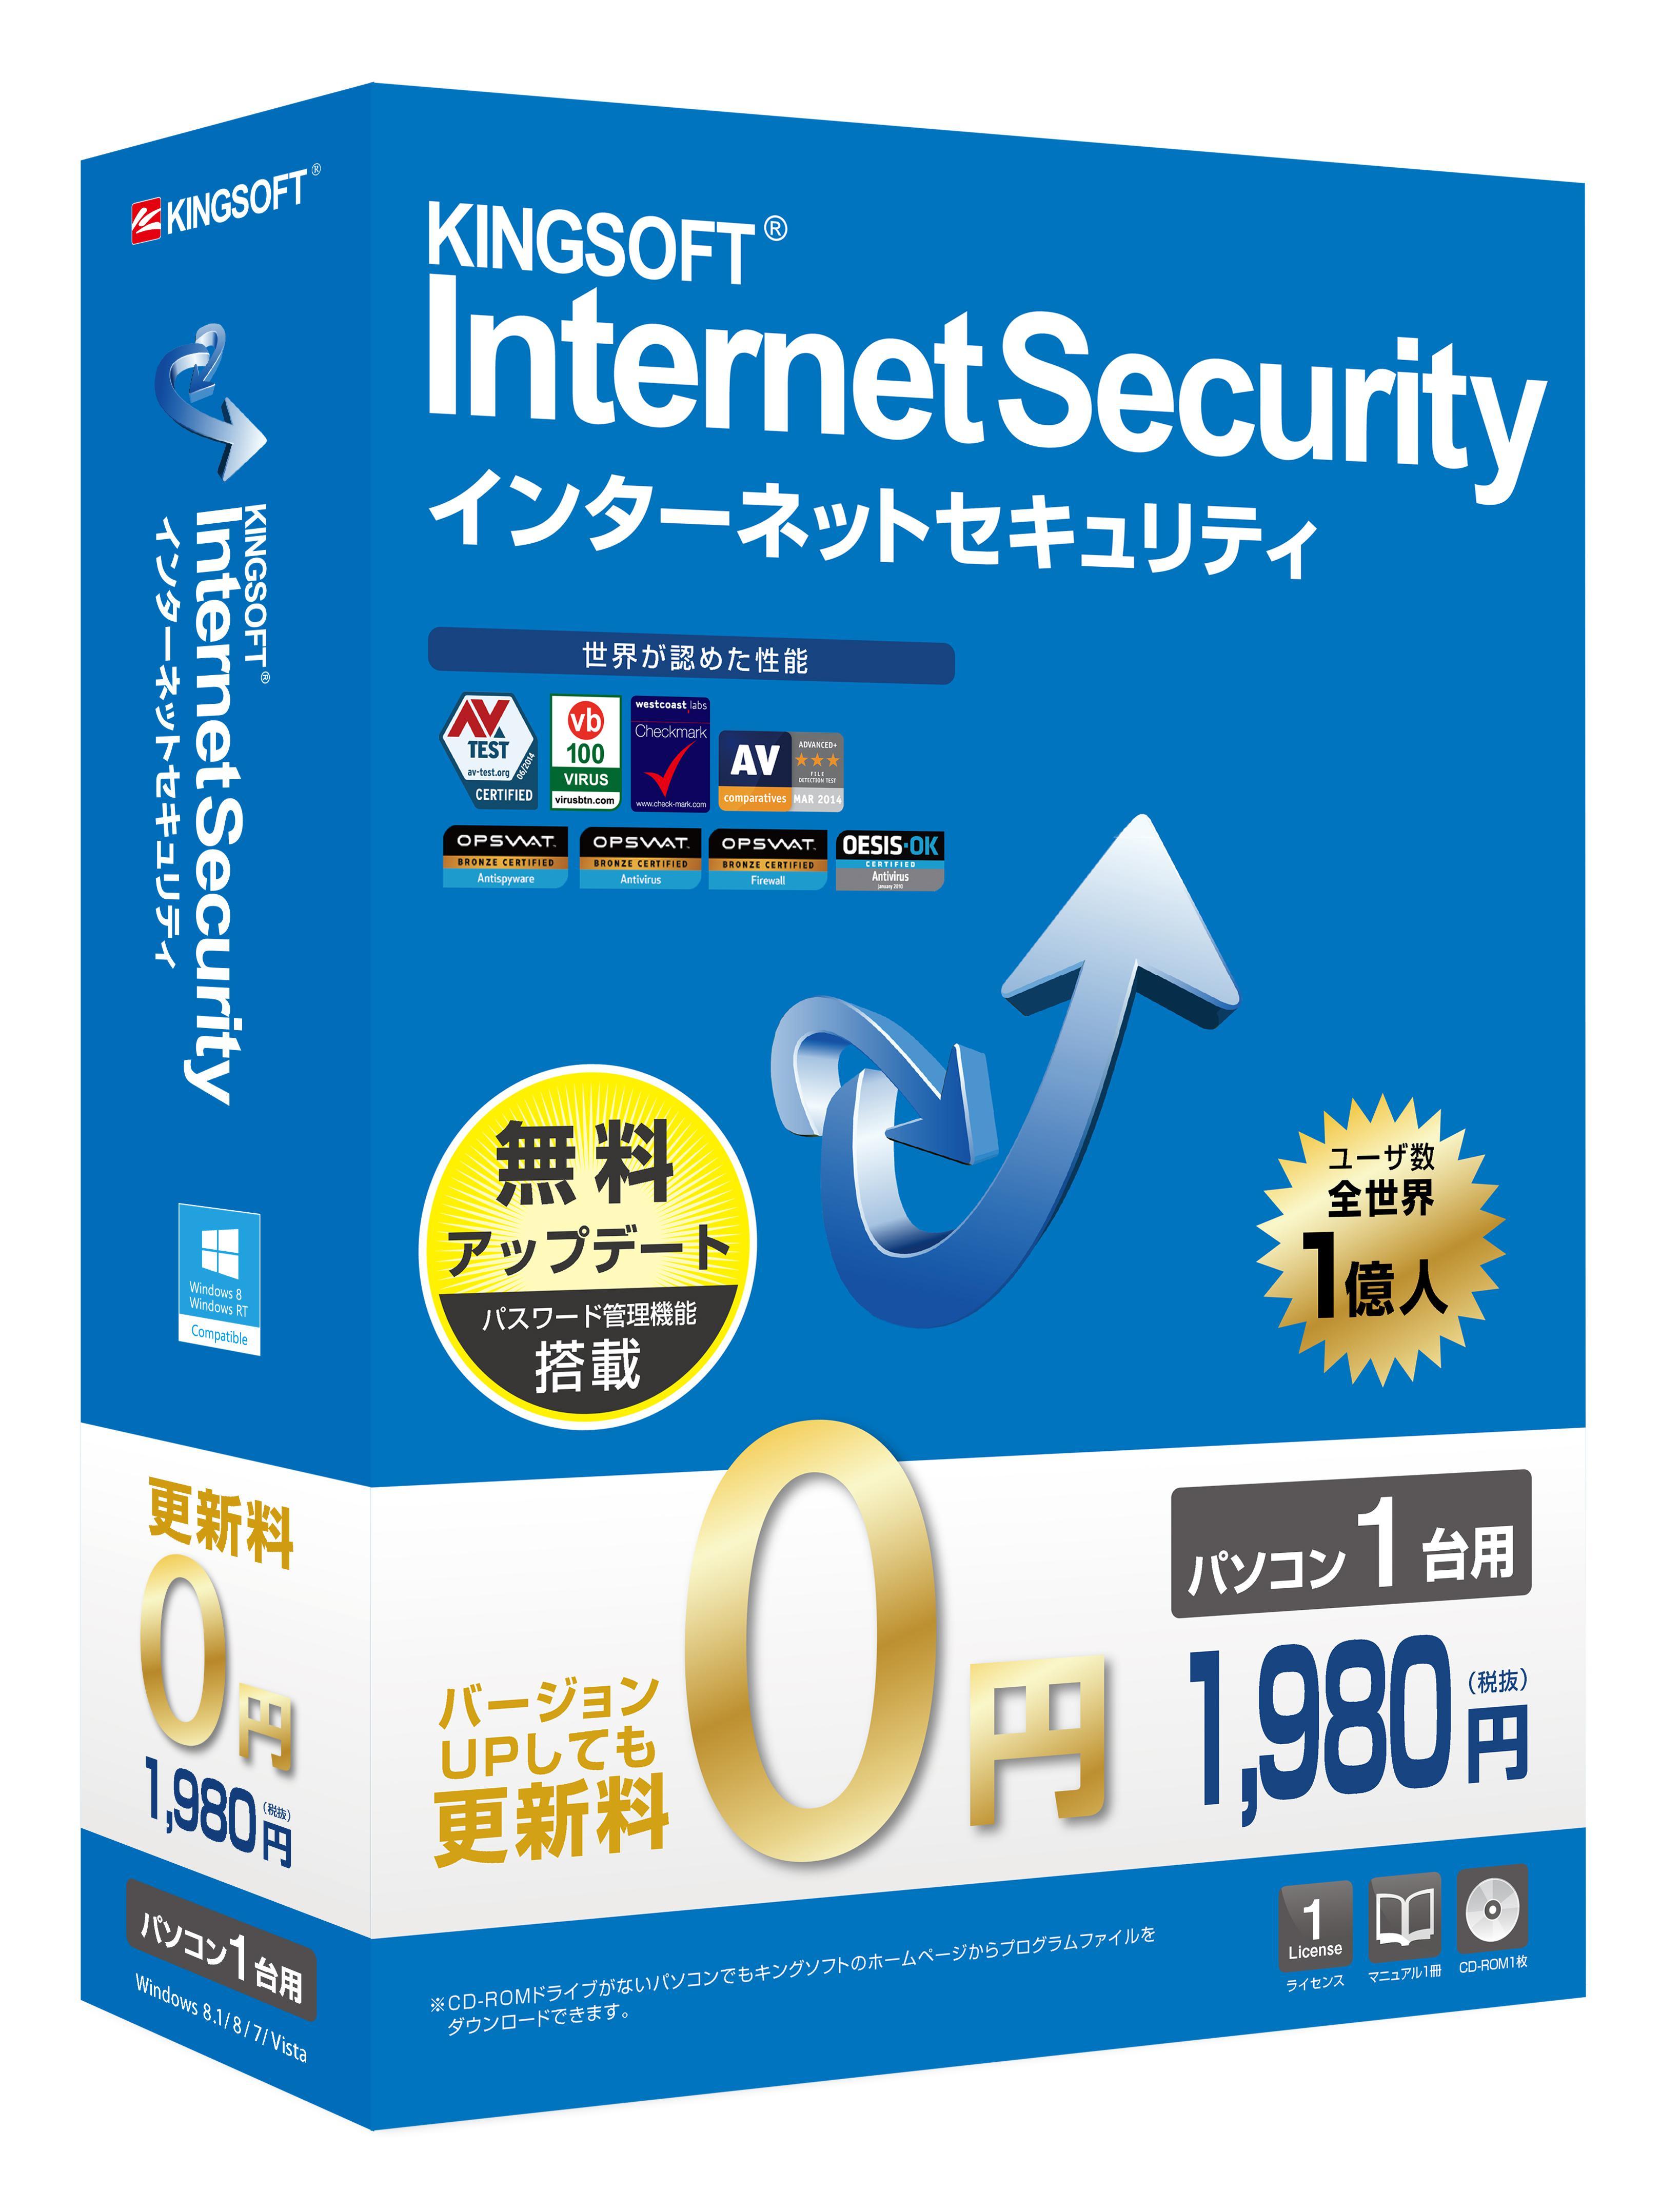 キングソフト、最新版 総合セキュリティソフト『KINGSOFT Internet Security』 のパッケージ版をリ